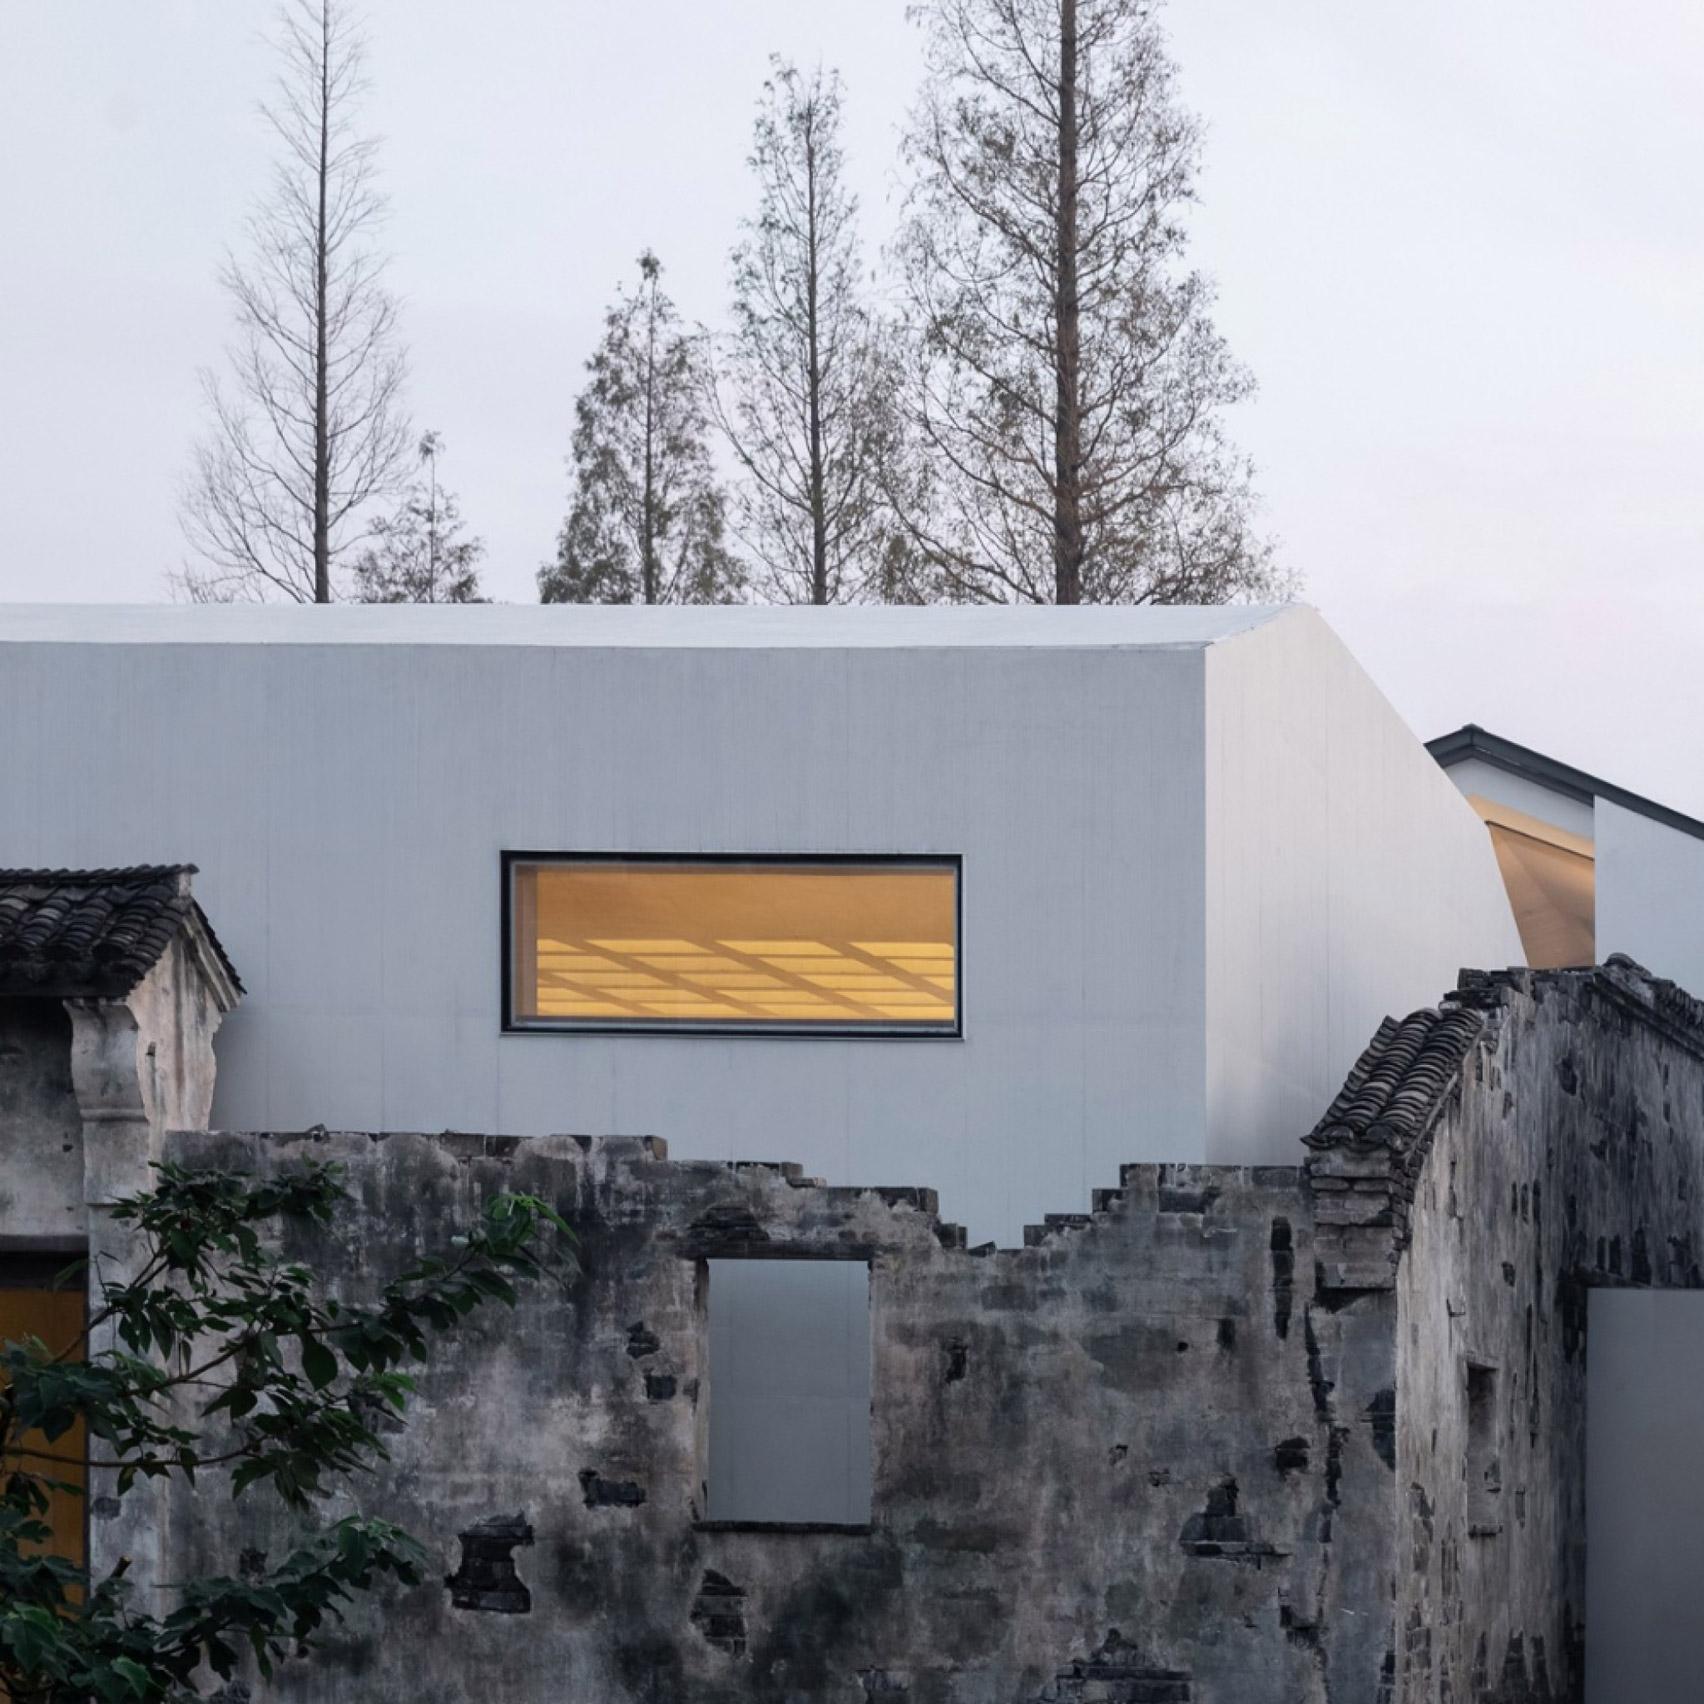 12 上海章堰文化馆,水平线设计.jpg